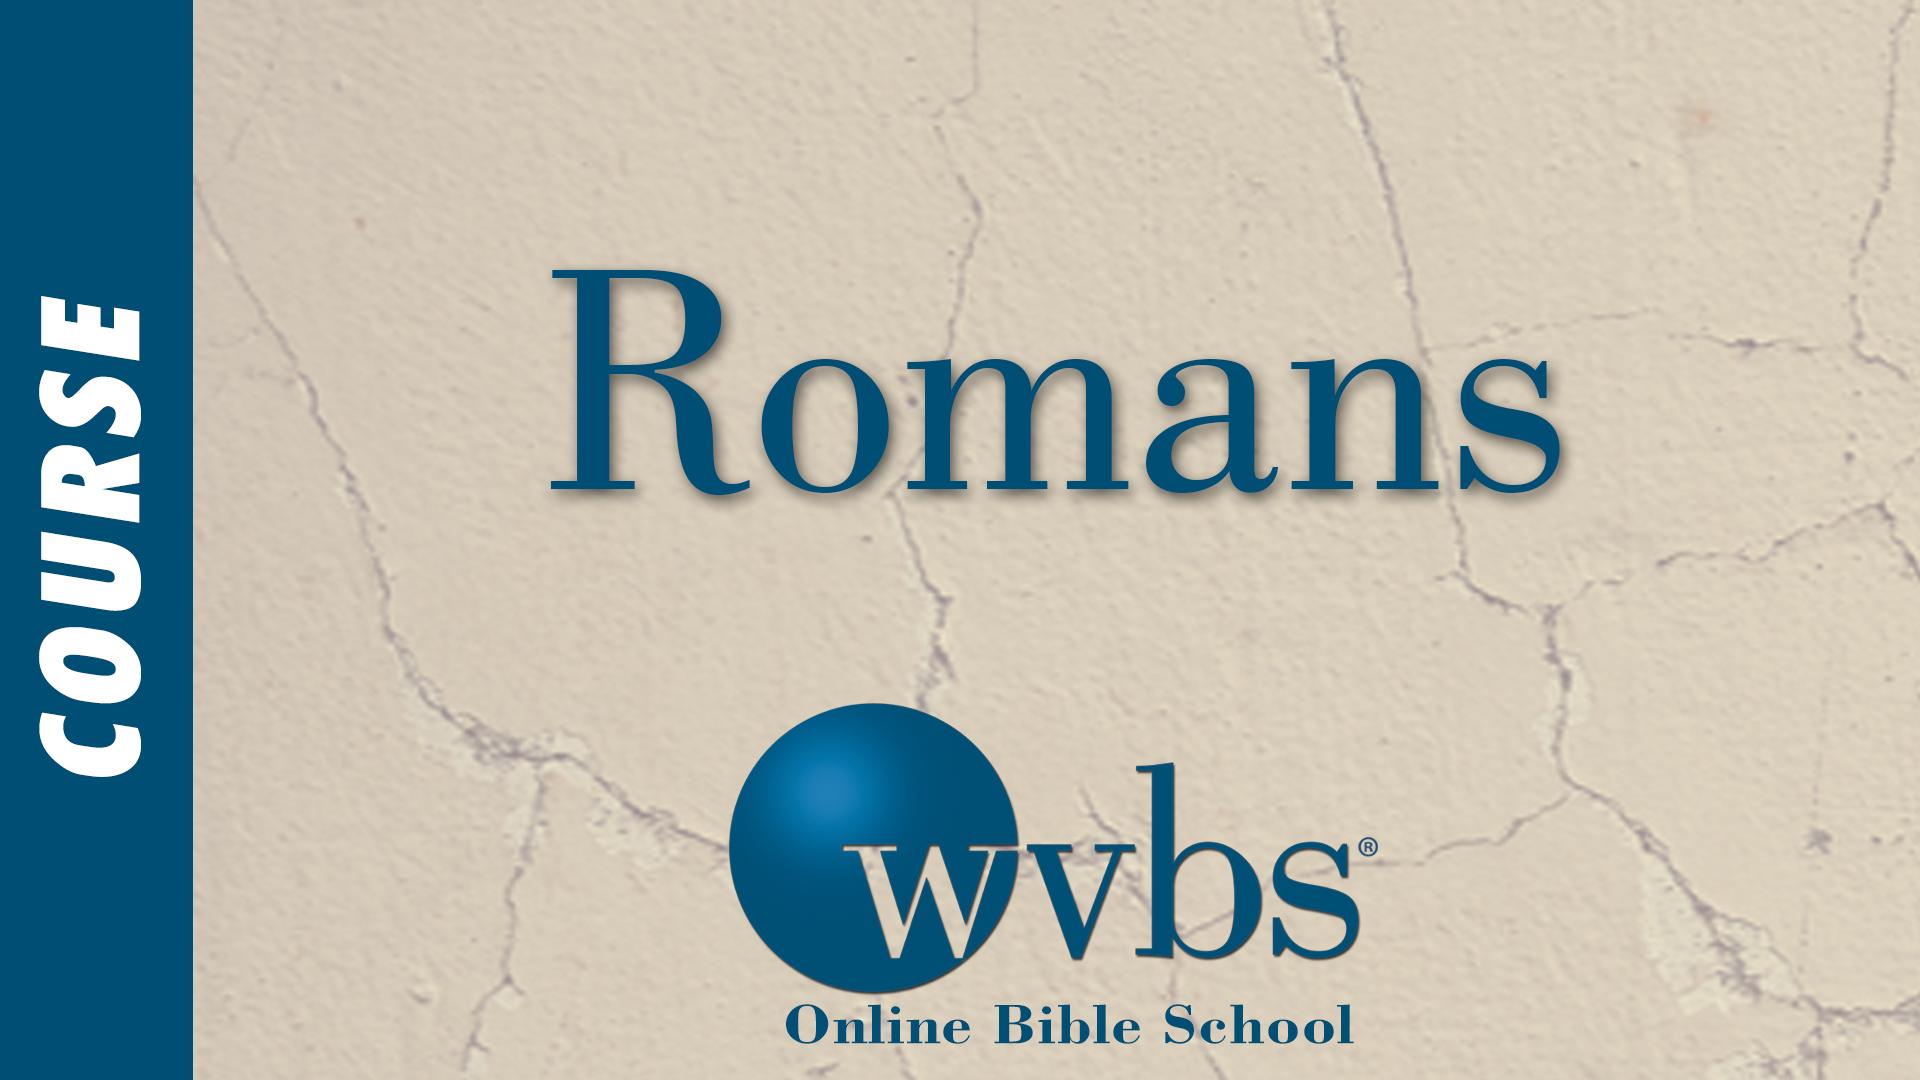 Romans (Online Bible School)